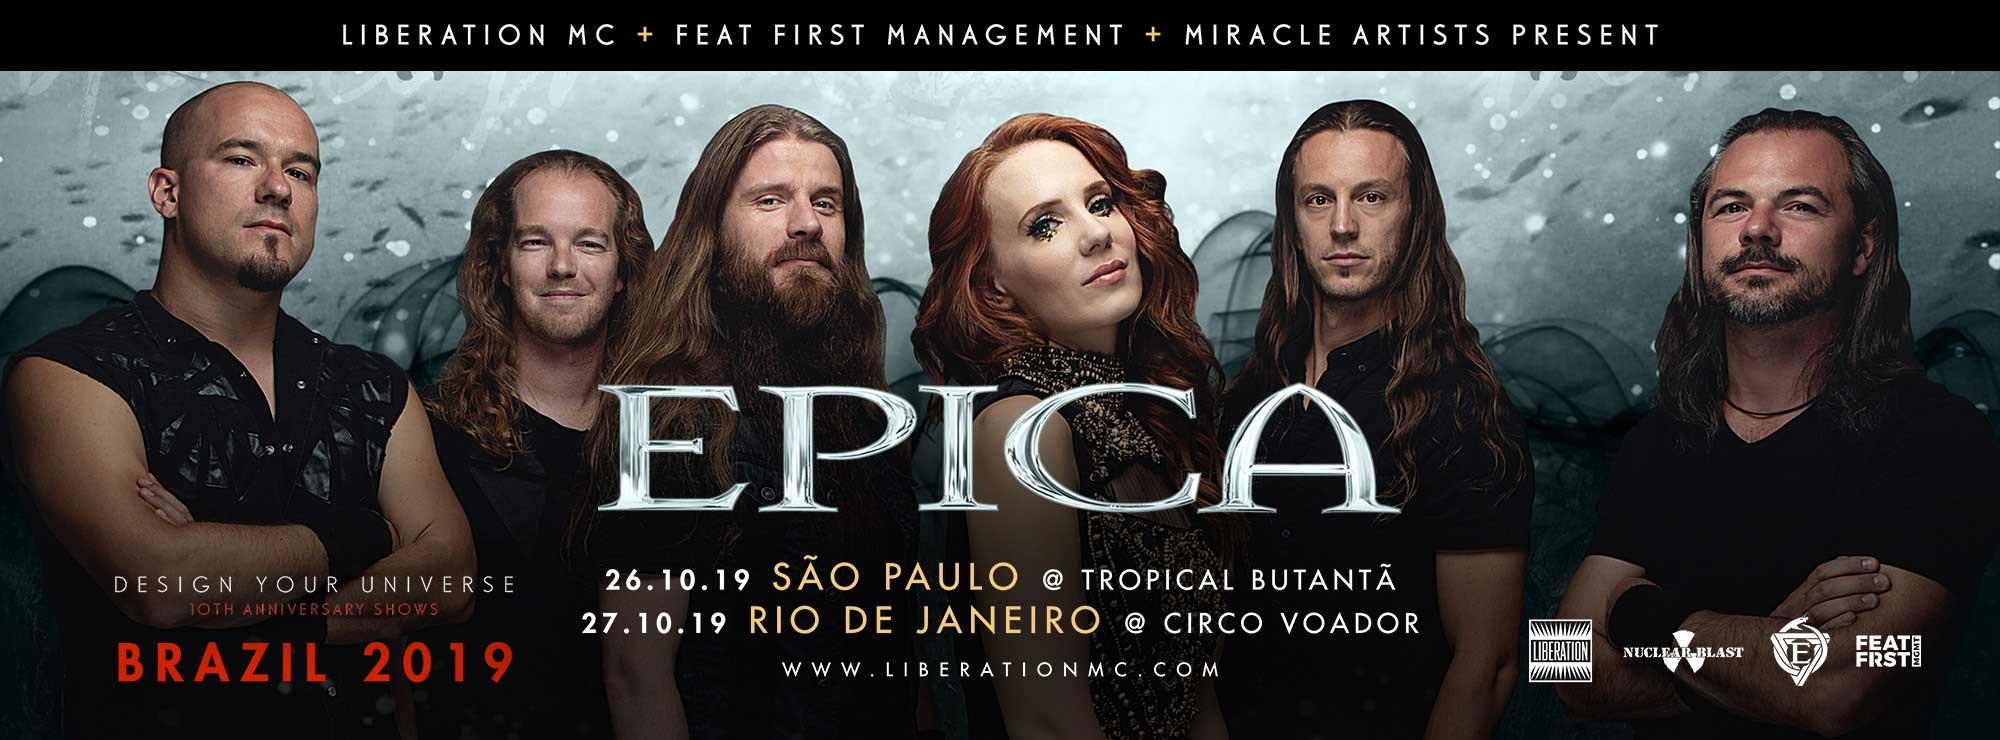 Liberation—Epica-capa-facebook